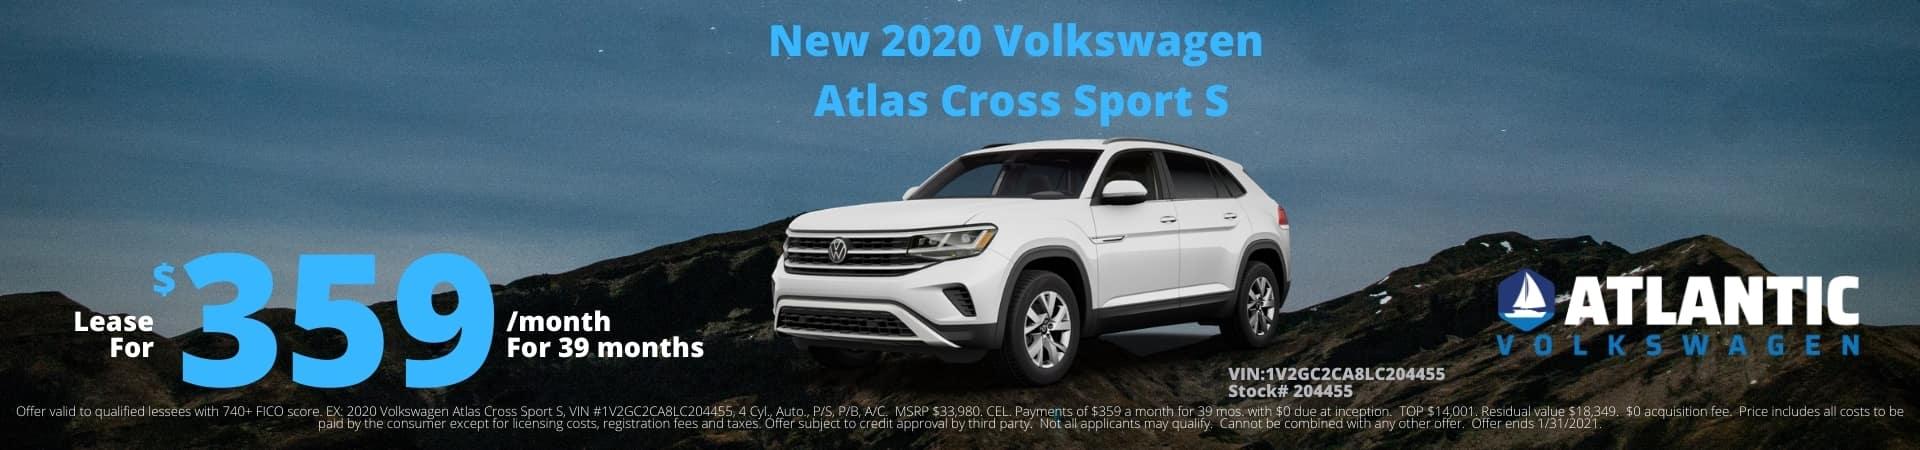 2020-12 Atlantic VW 2020 VW Atlas Cross Sport S 1920×450